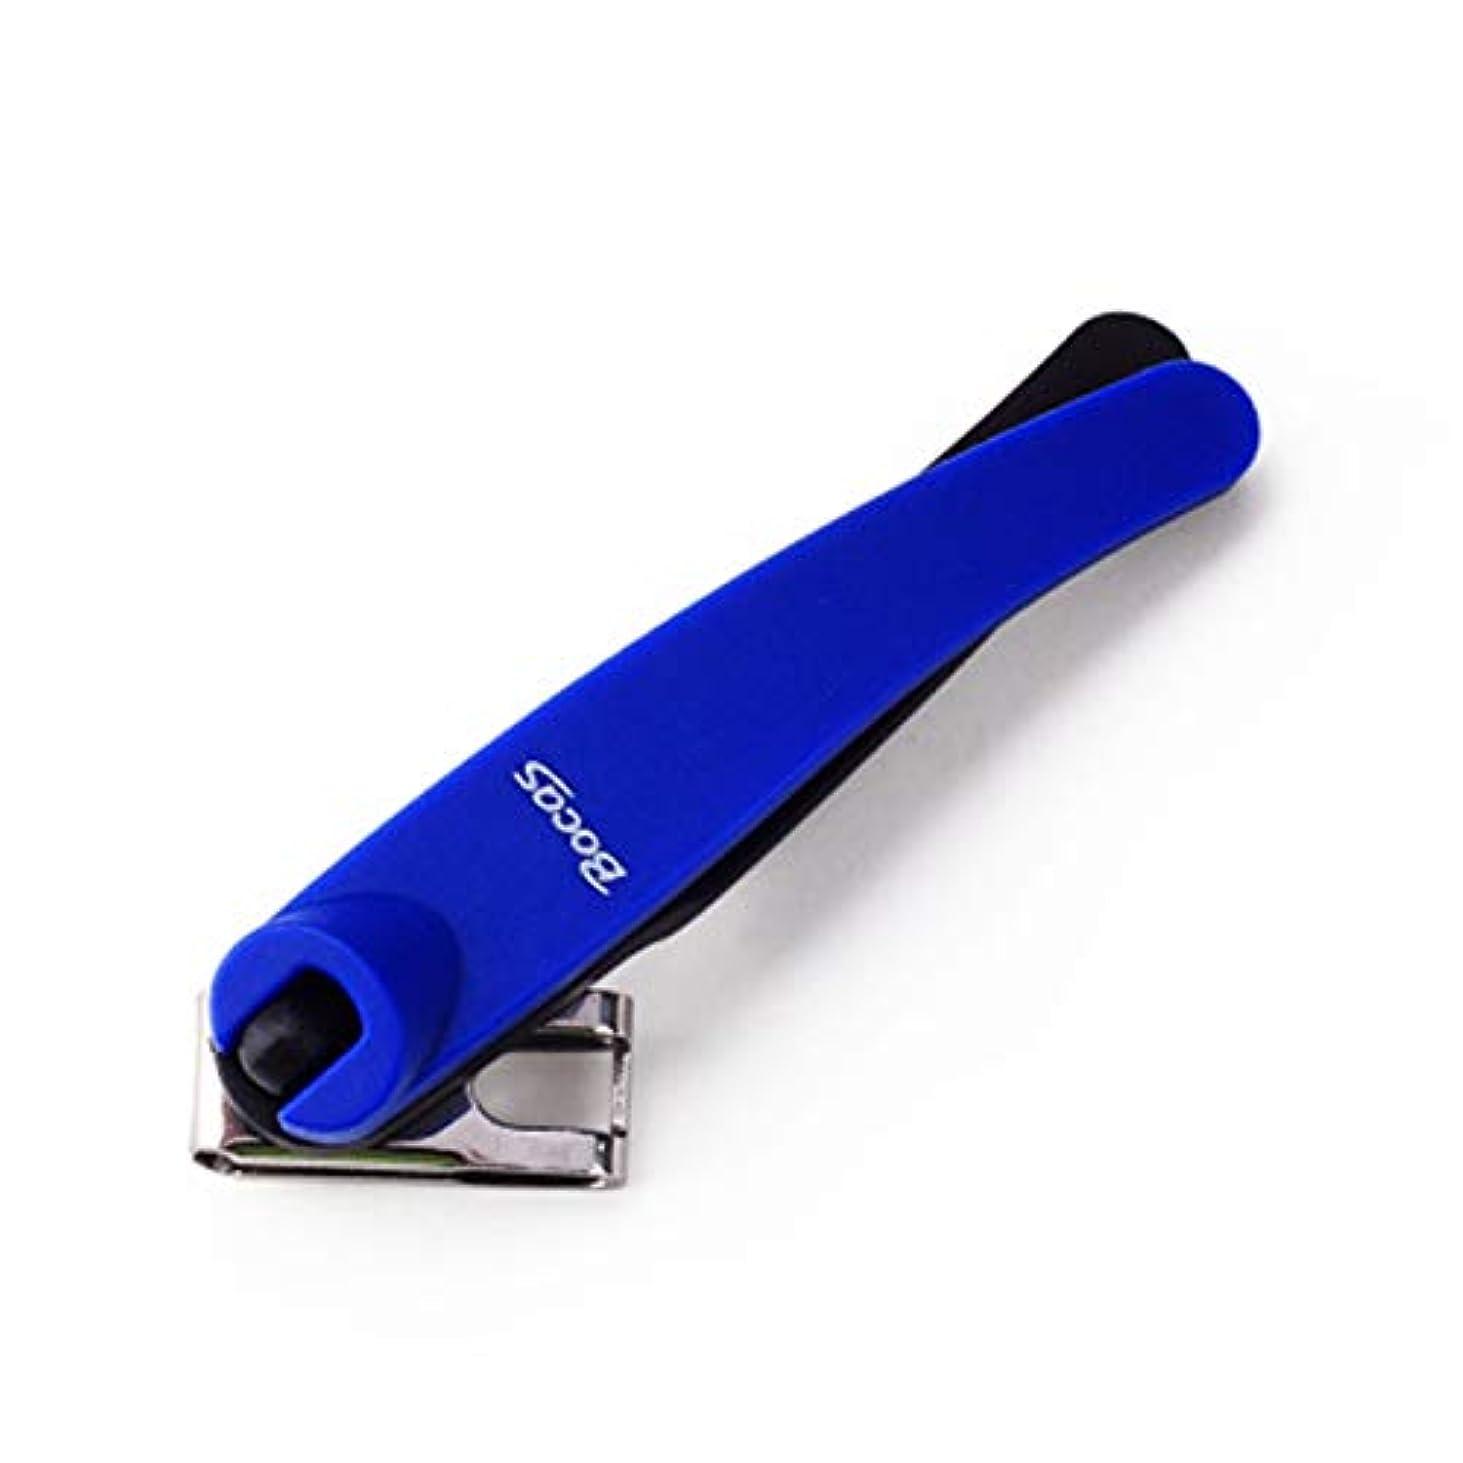 交換ショッピングセンターくすぐったいBocasの人魚姫爪切り、内蔵の爪のファイル、プロのステンレス鋼の爪切り、360度回転カッターステンレス鋼シャープで強力な男性と女性のトリマー (ブルー)